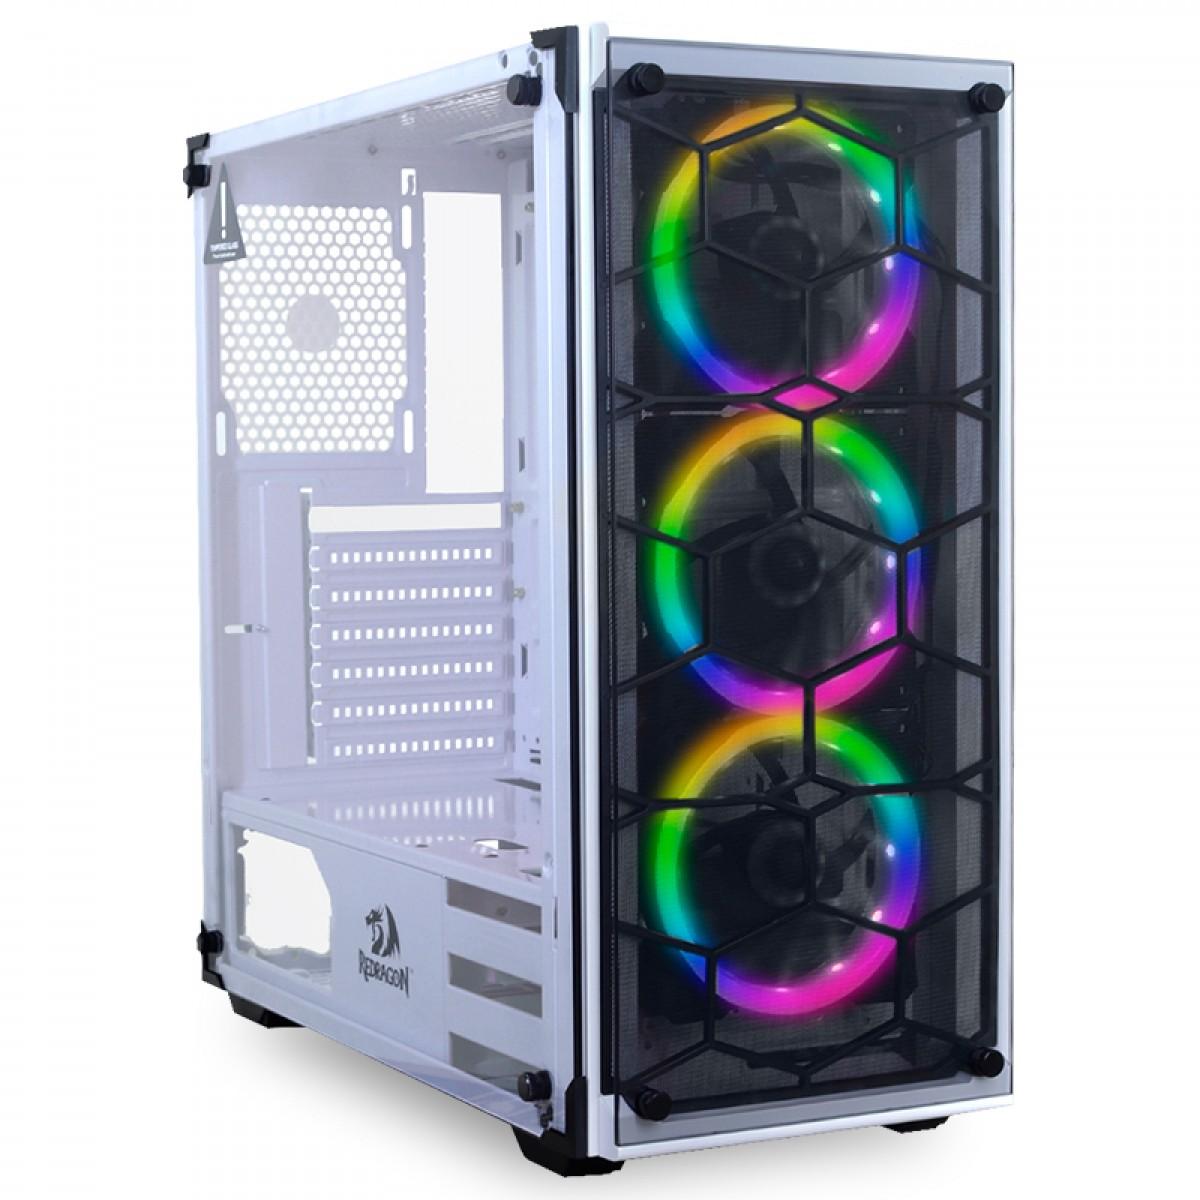 Pc Gamer Redragon Edition AMD Ryzen 5 3600 / Radeon RX 590 8GB / DDR4 8GB / HD 1TB / SSD 120GB / 600W